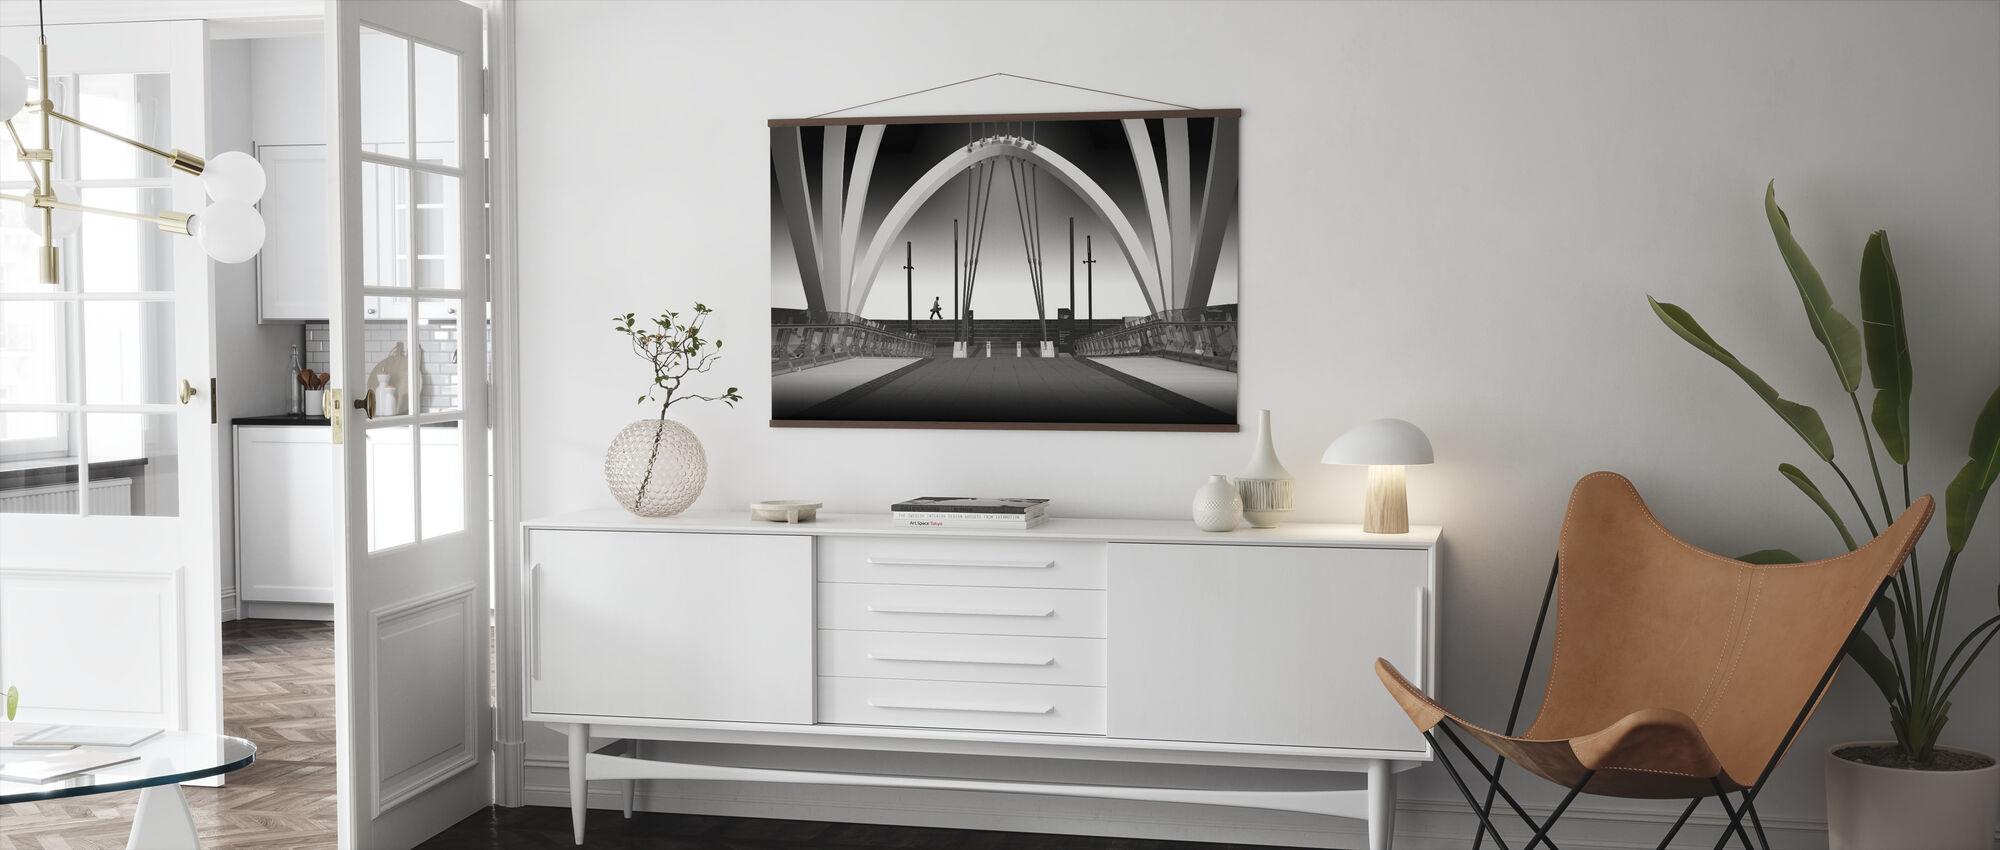 Seafarers Bridge - Poster - Living Room